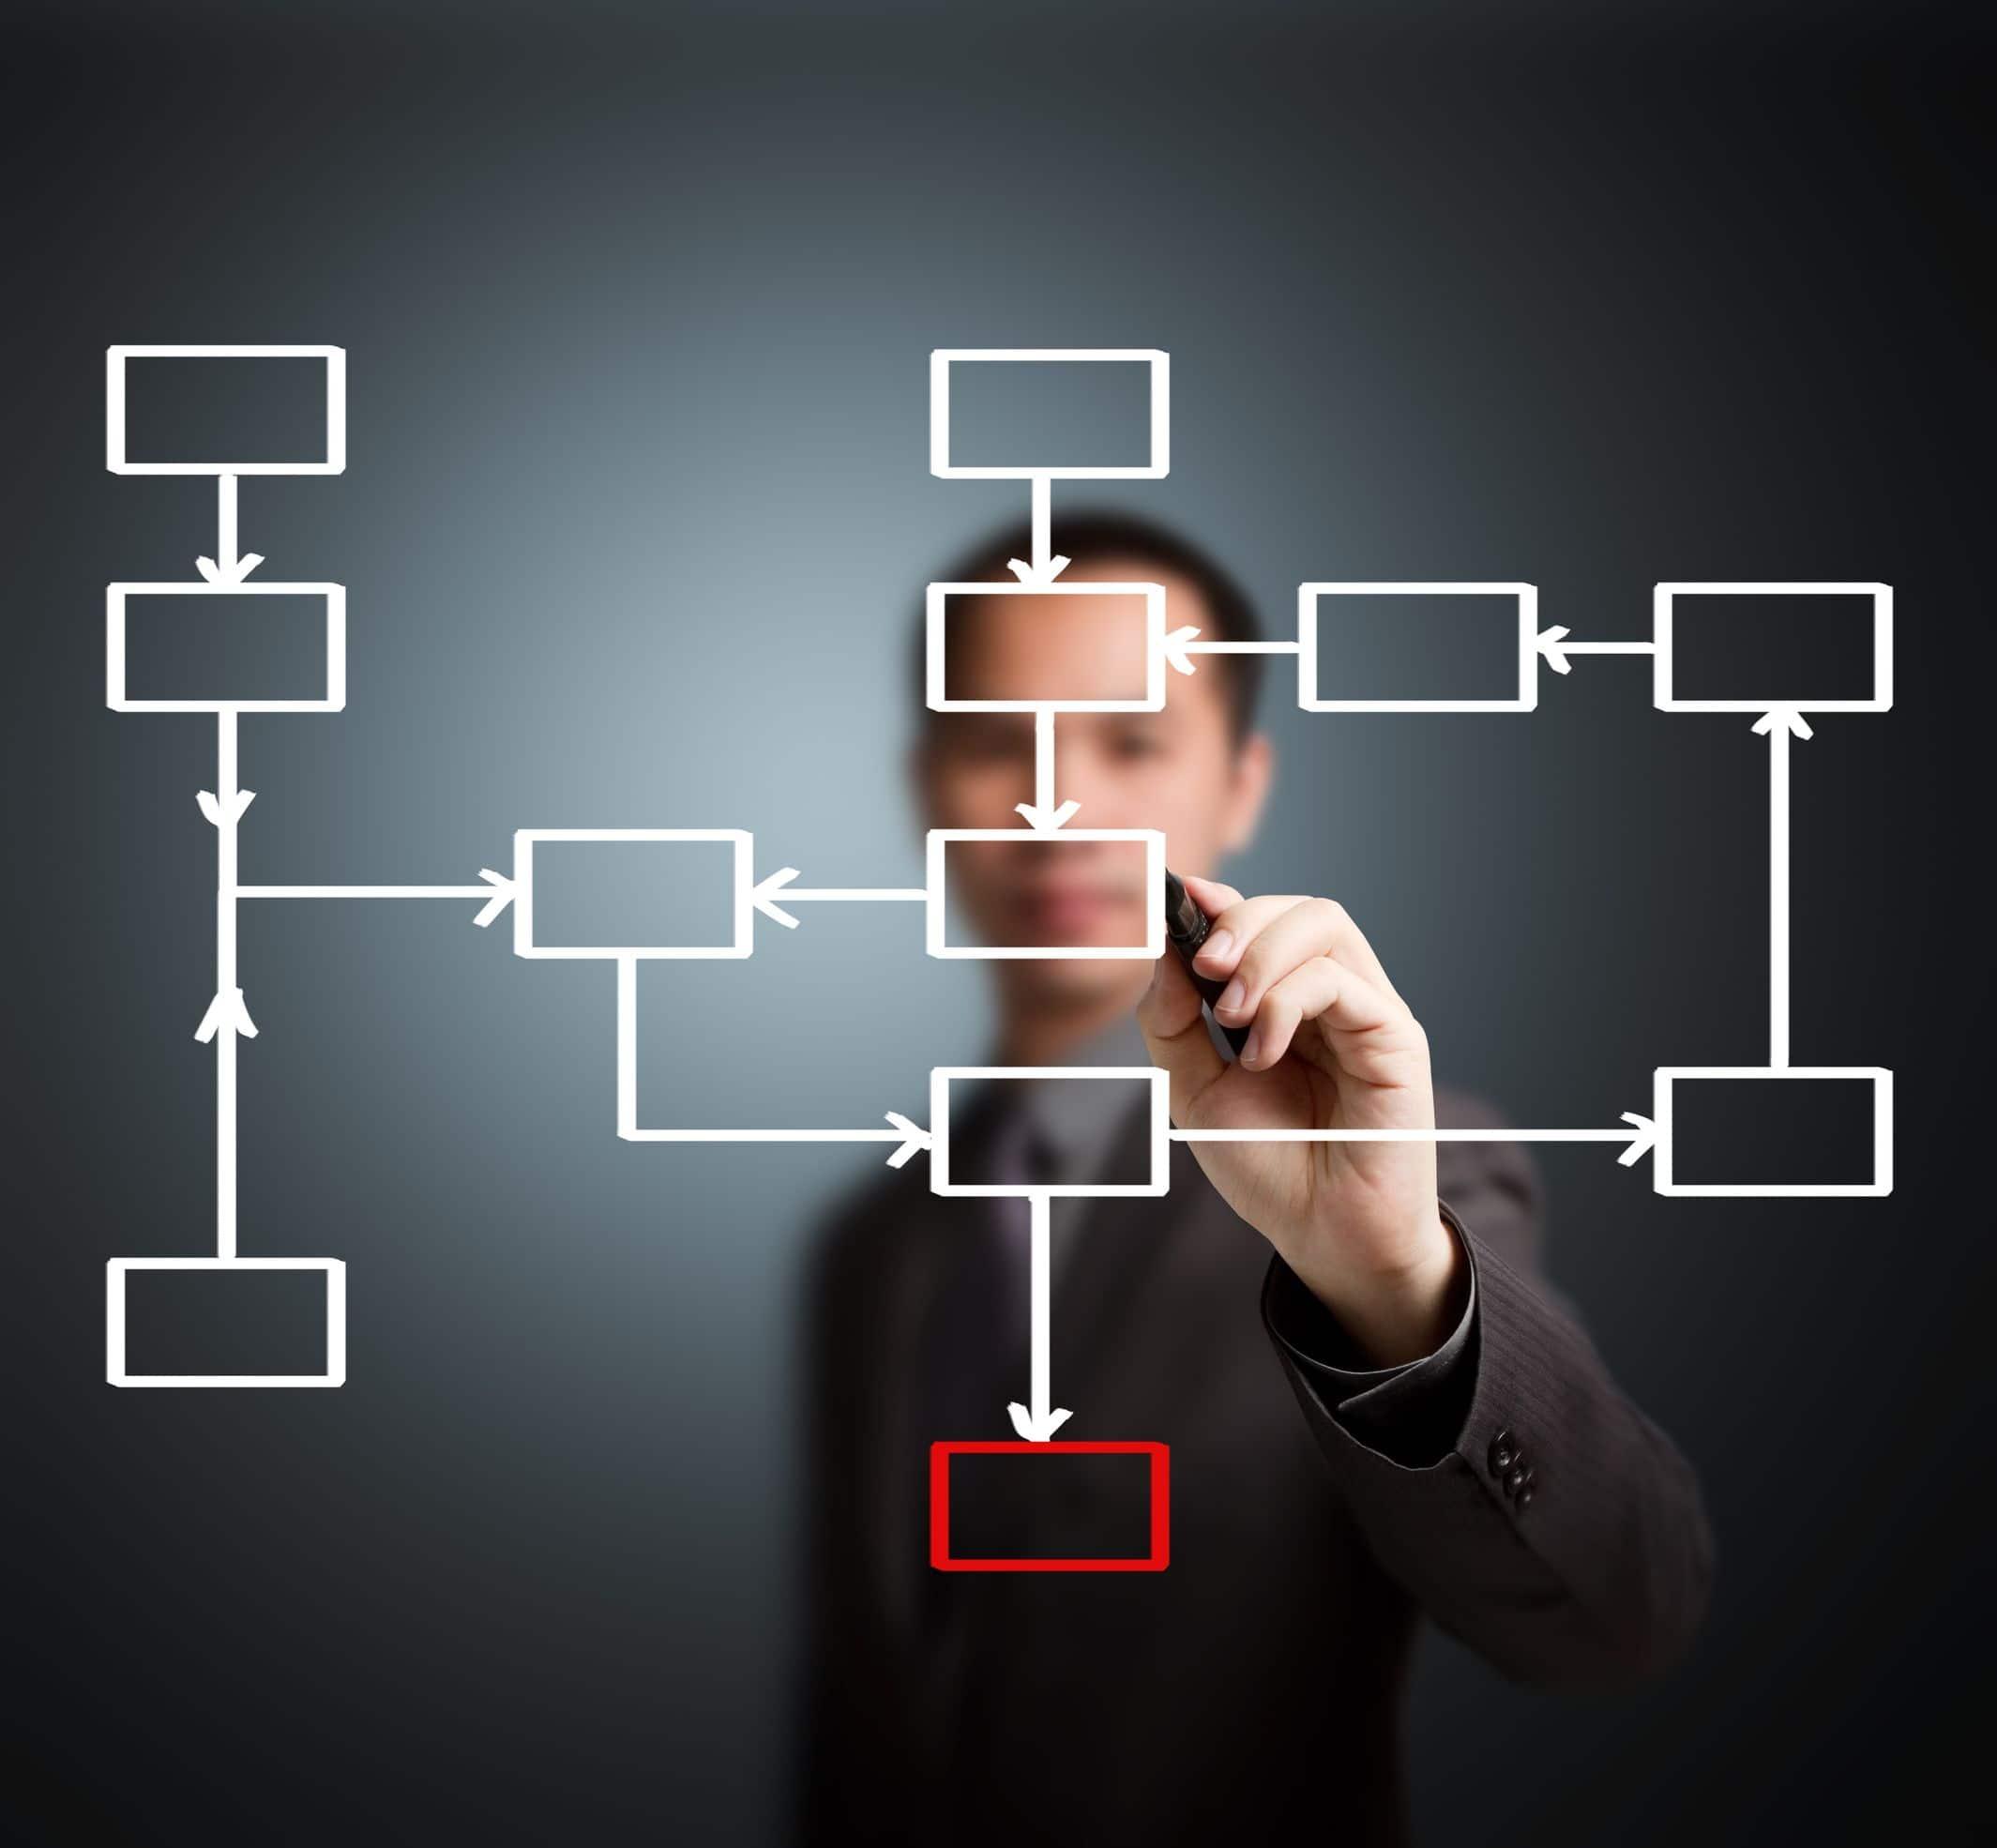 Prozessmodell für Kompositversicherer